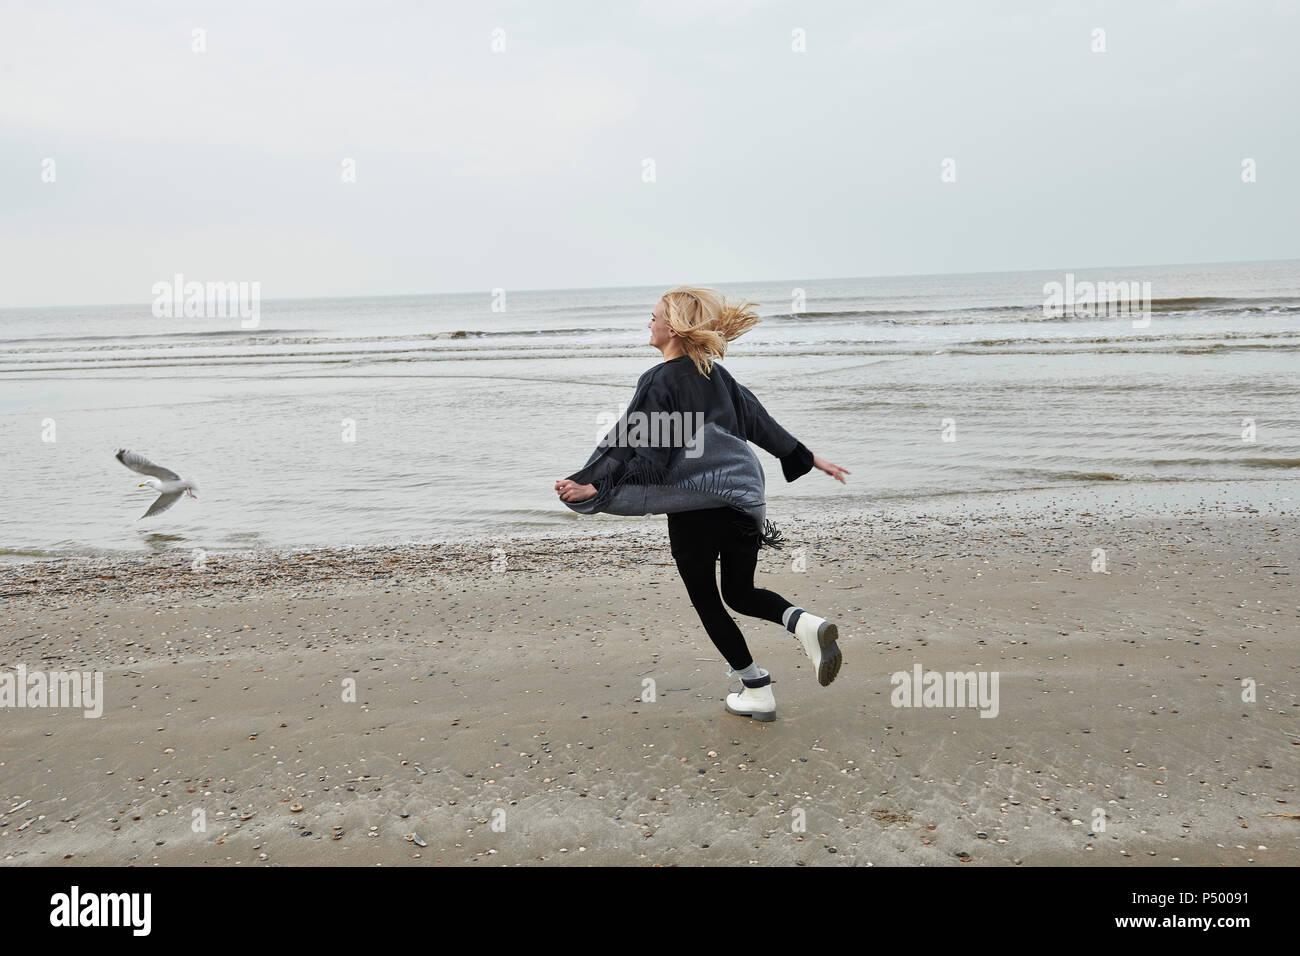 Paesi Bassi, felice giovane donna bionda correre sulla spiaggia Immagini Stock